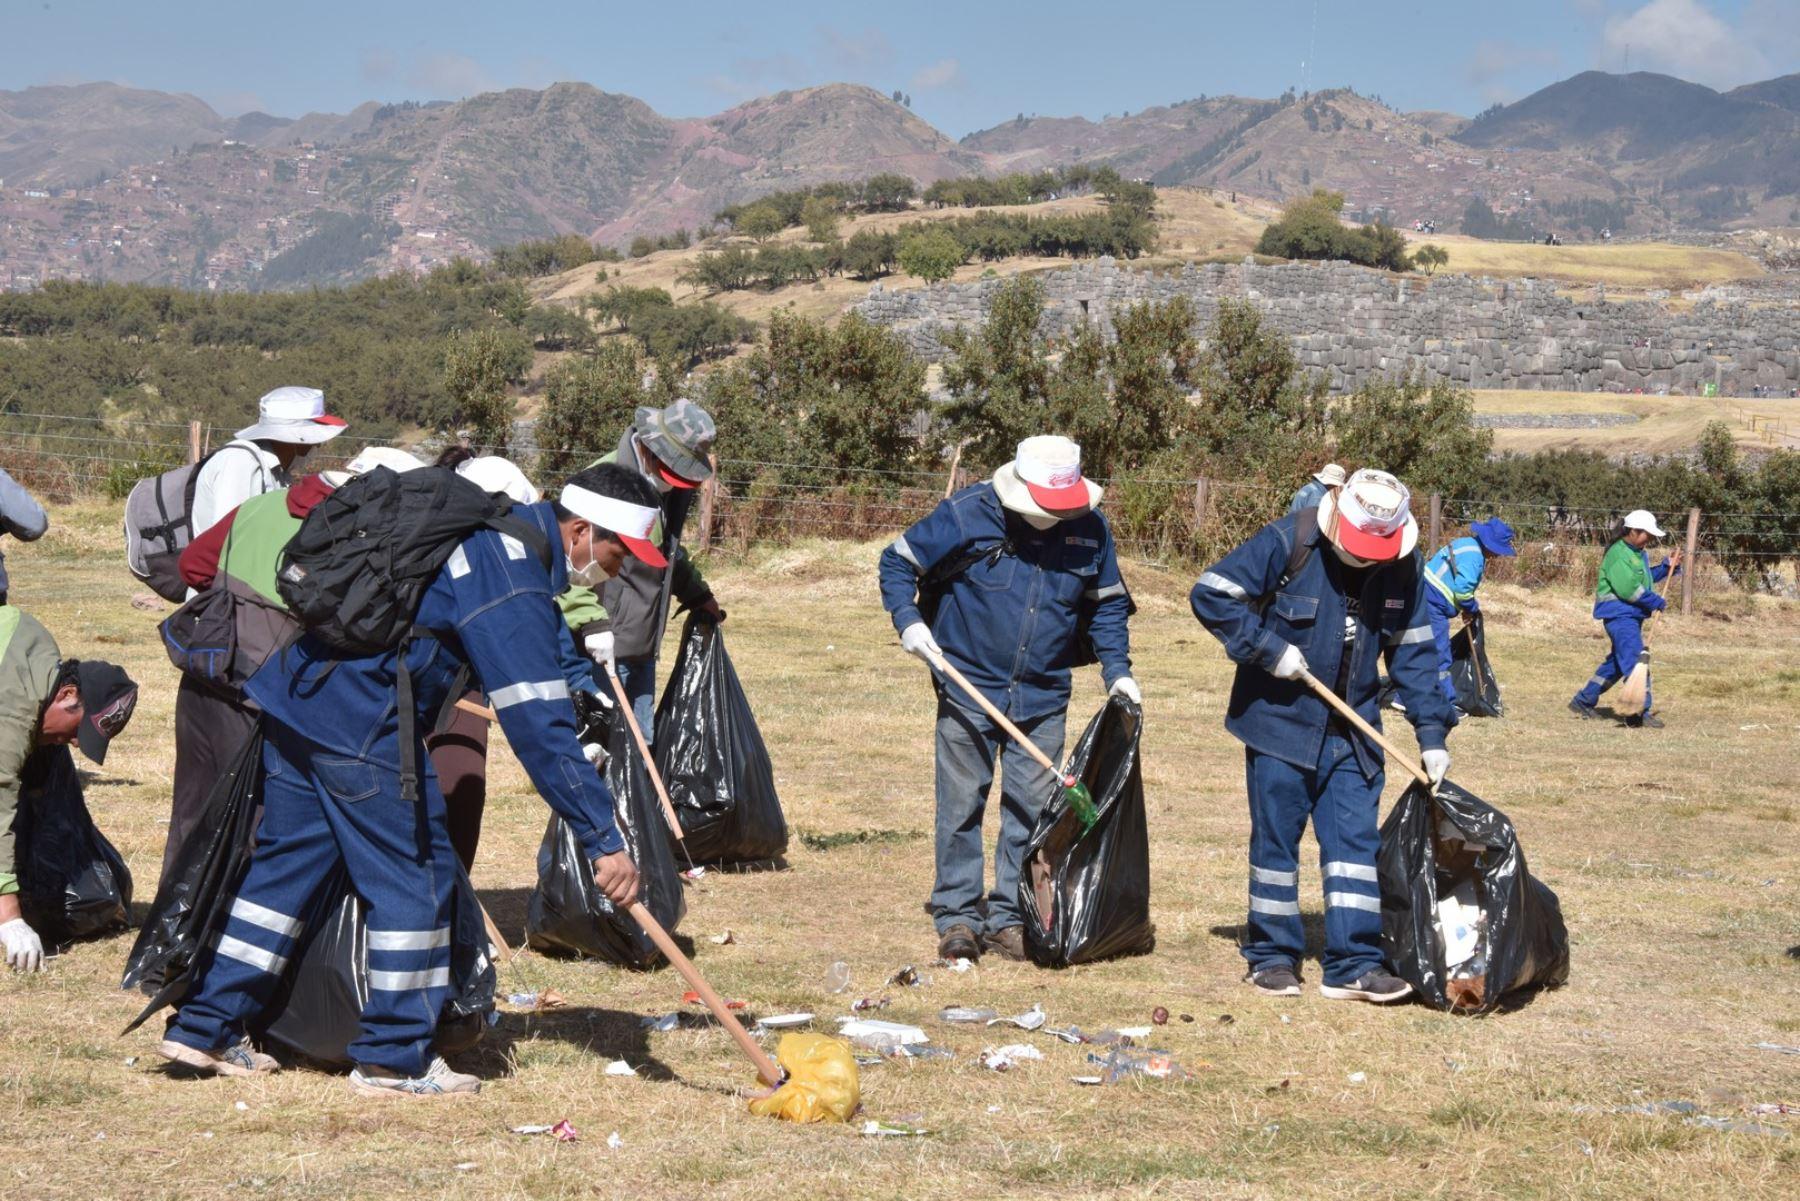 Celebración de la fiesta del Inti Raymi dejó 35 toneladas de basura en parque arqueológico Sacsayhuamán, en Cusco. ANDINA/Percy Hurtado